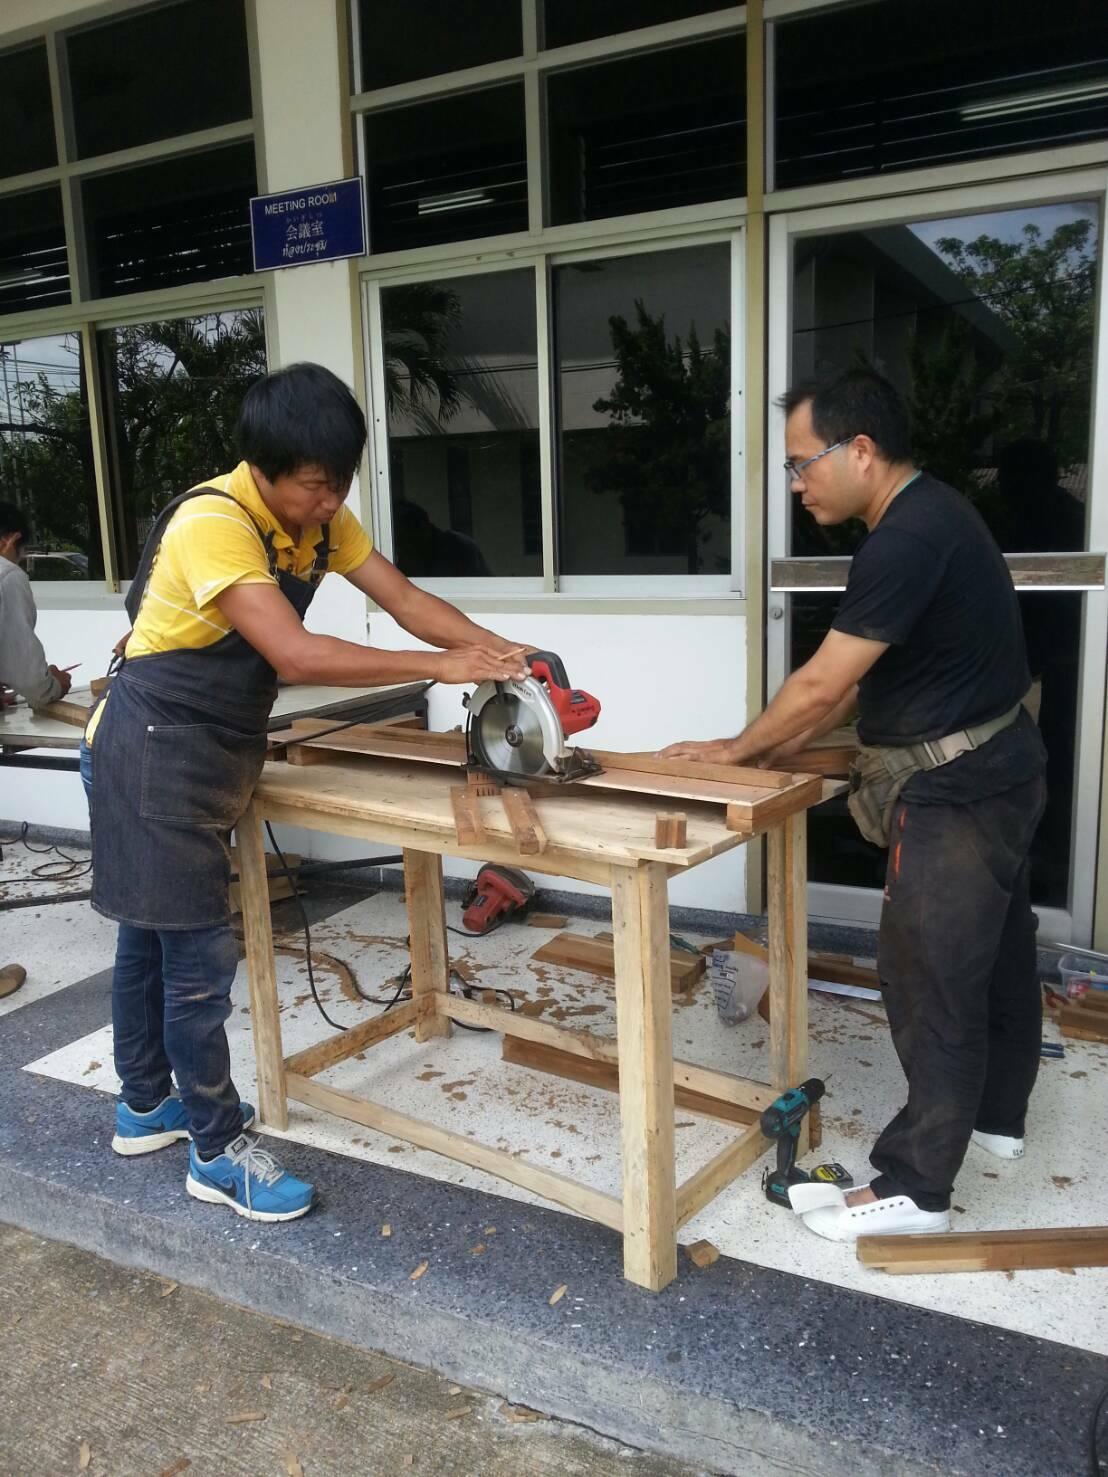 กพร.ร่วมยูเนสโก ปั้นช่างอนุรักษ์สถาปัตยกรรมไม้ดั้งเดิมของไทย